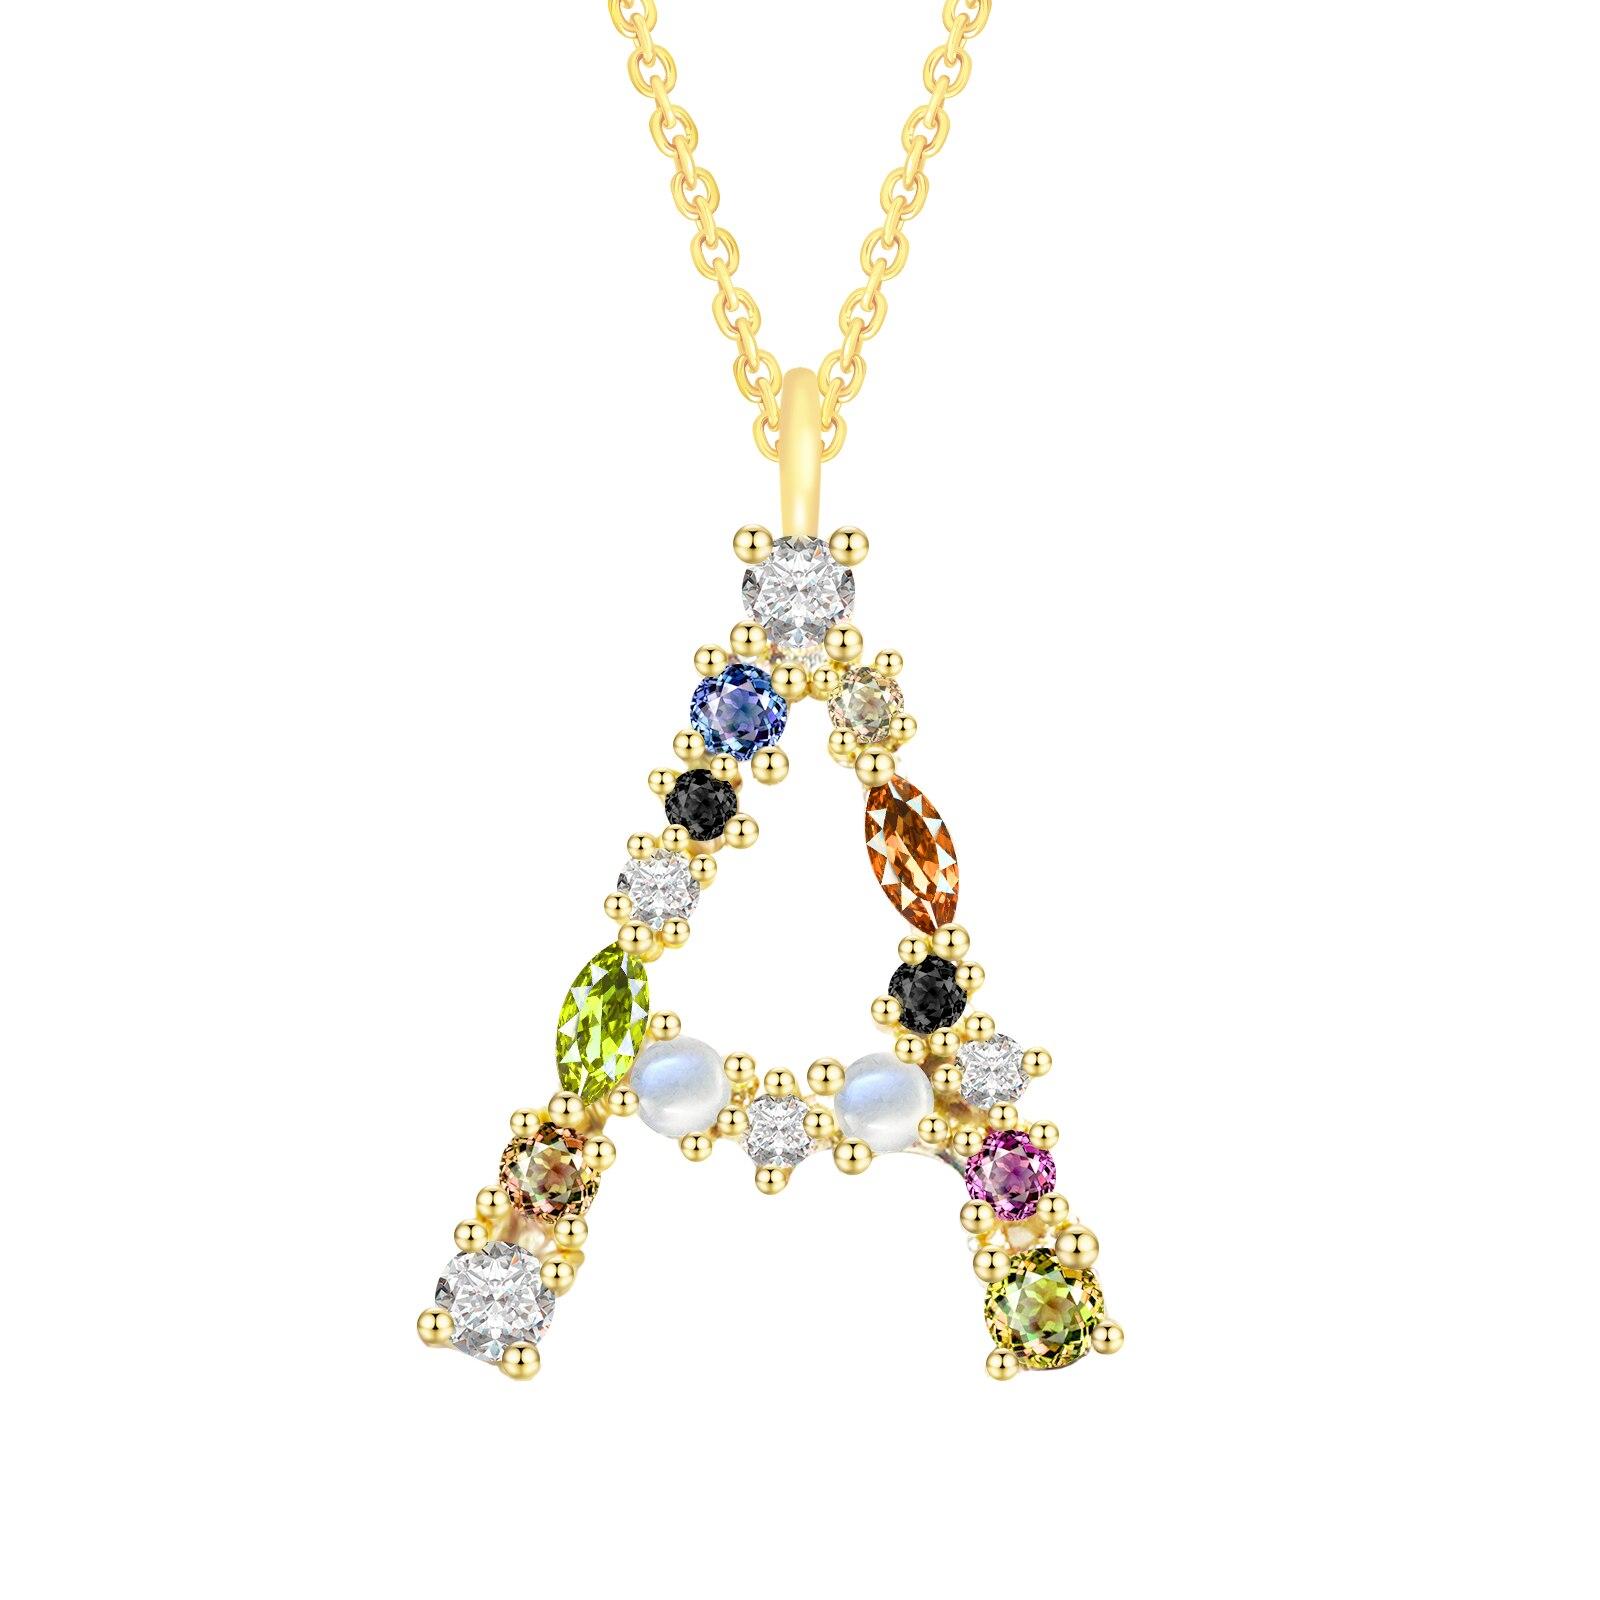 925 стерлингового серебра 26 ожерелье с буквами для женщин с алмазными подвесками, Замшевые женские ботинки брендовые золотое ожерелье красо...